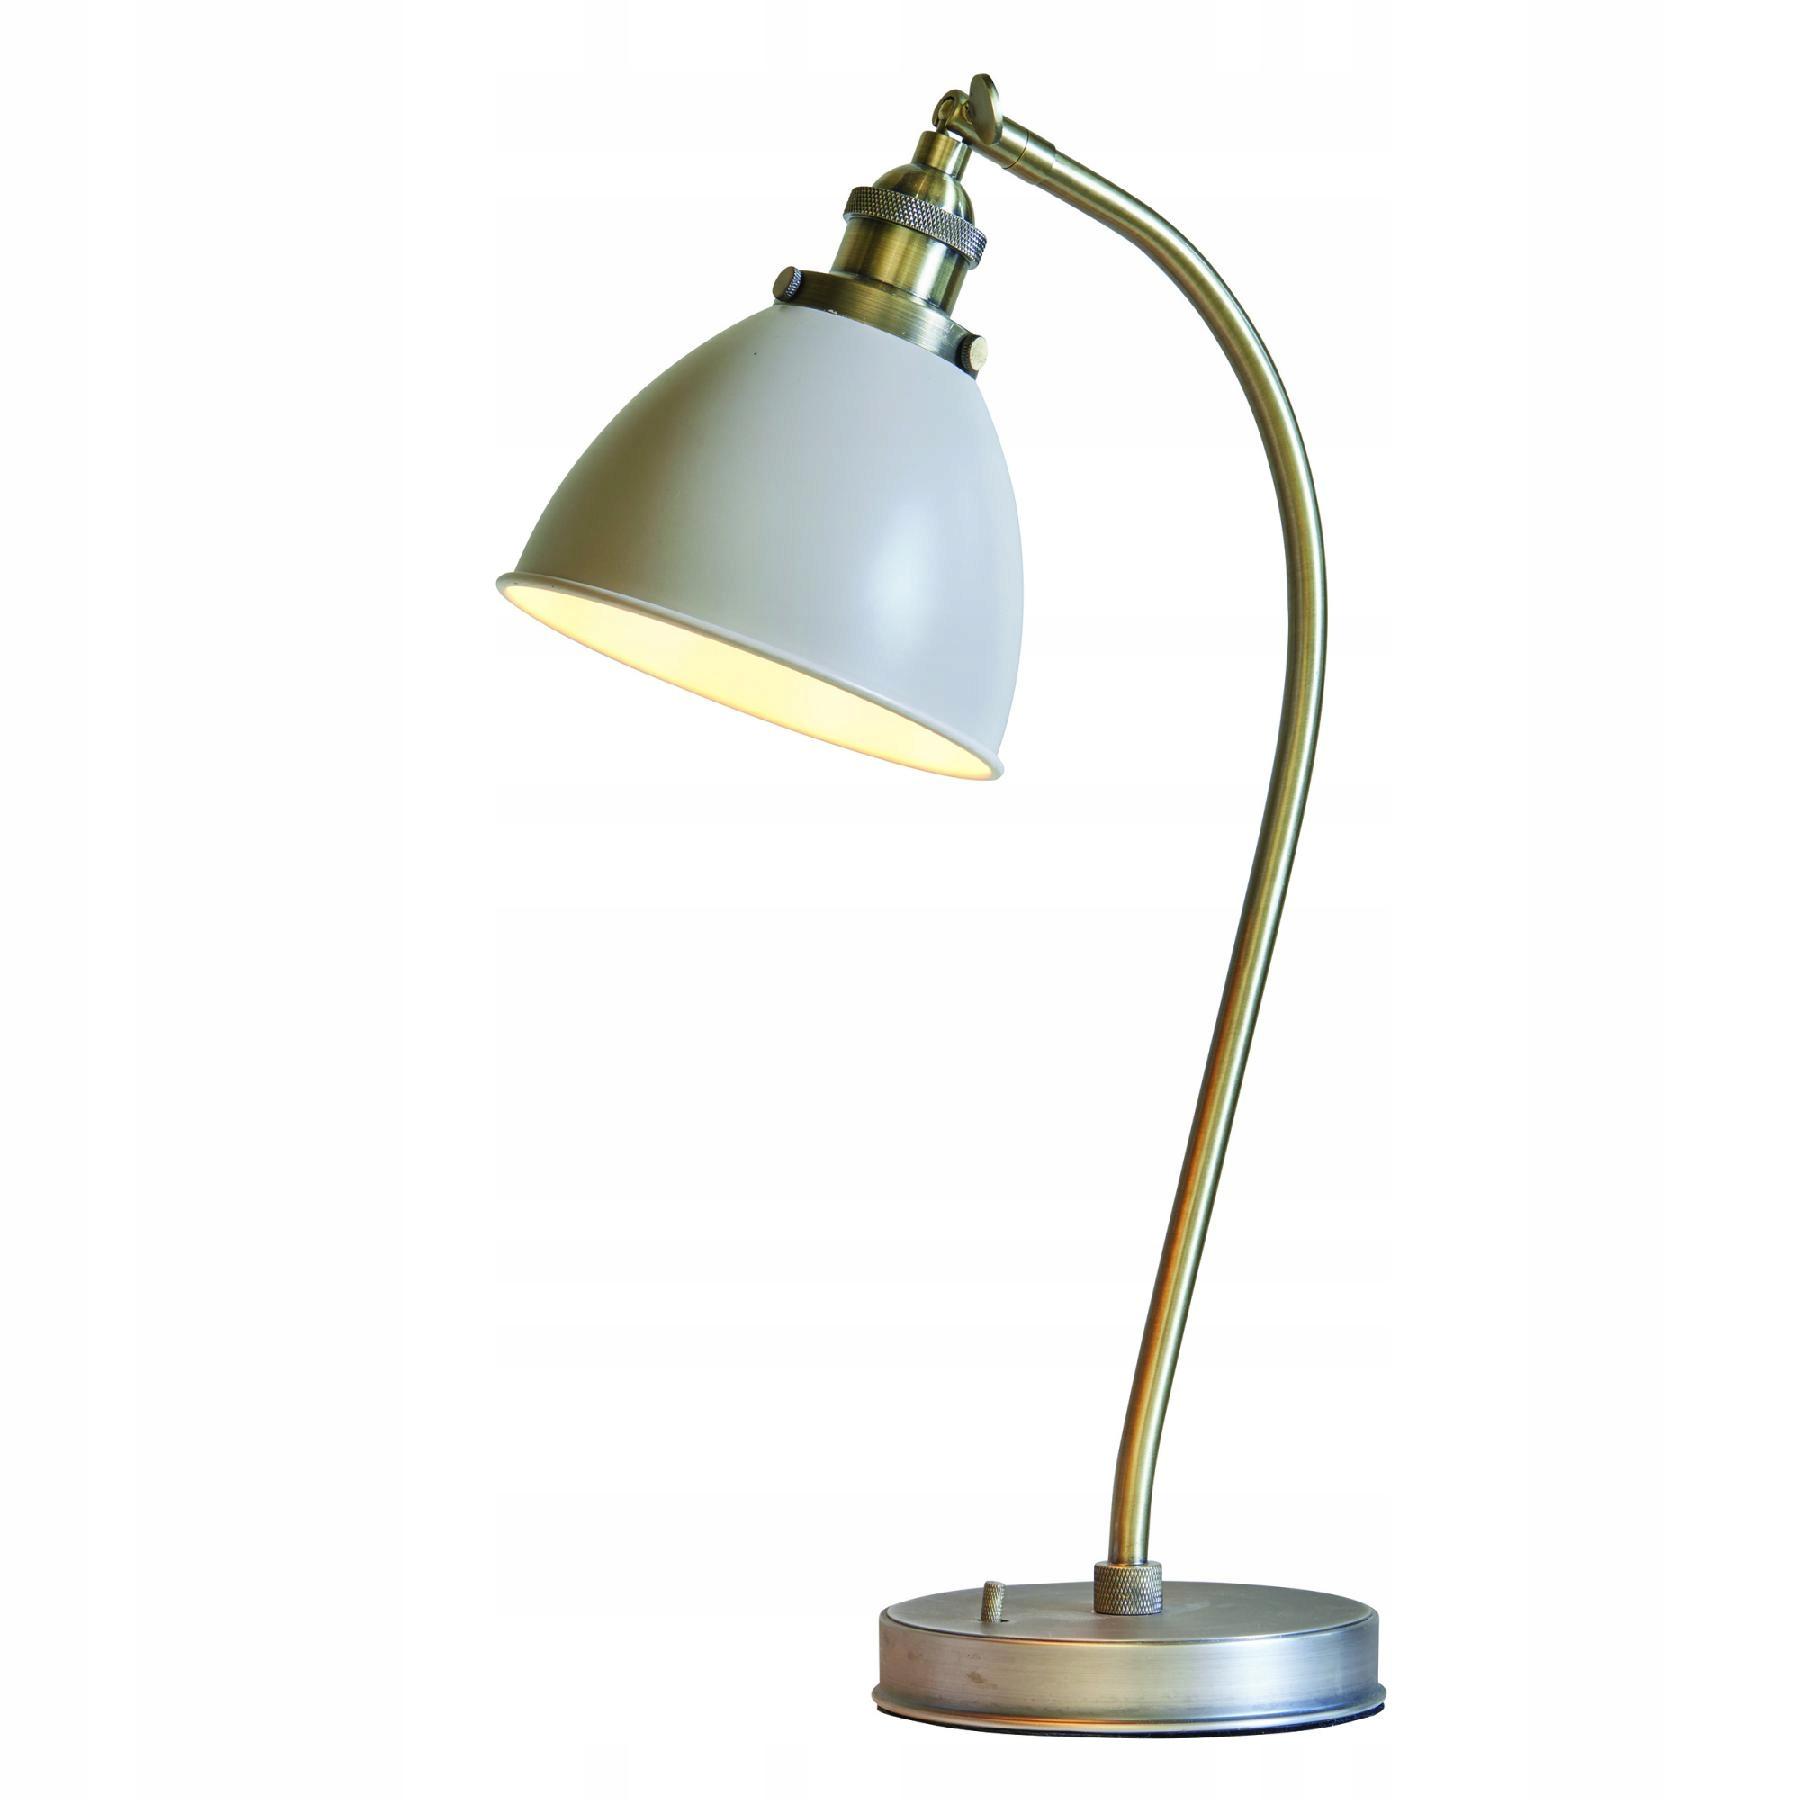 Franklin úlohou tabuľka 40W Endon stolná Lampa